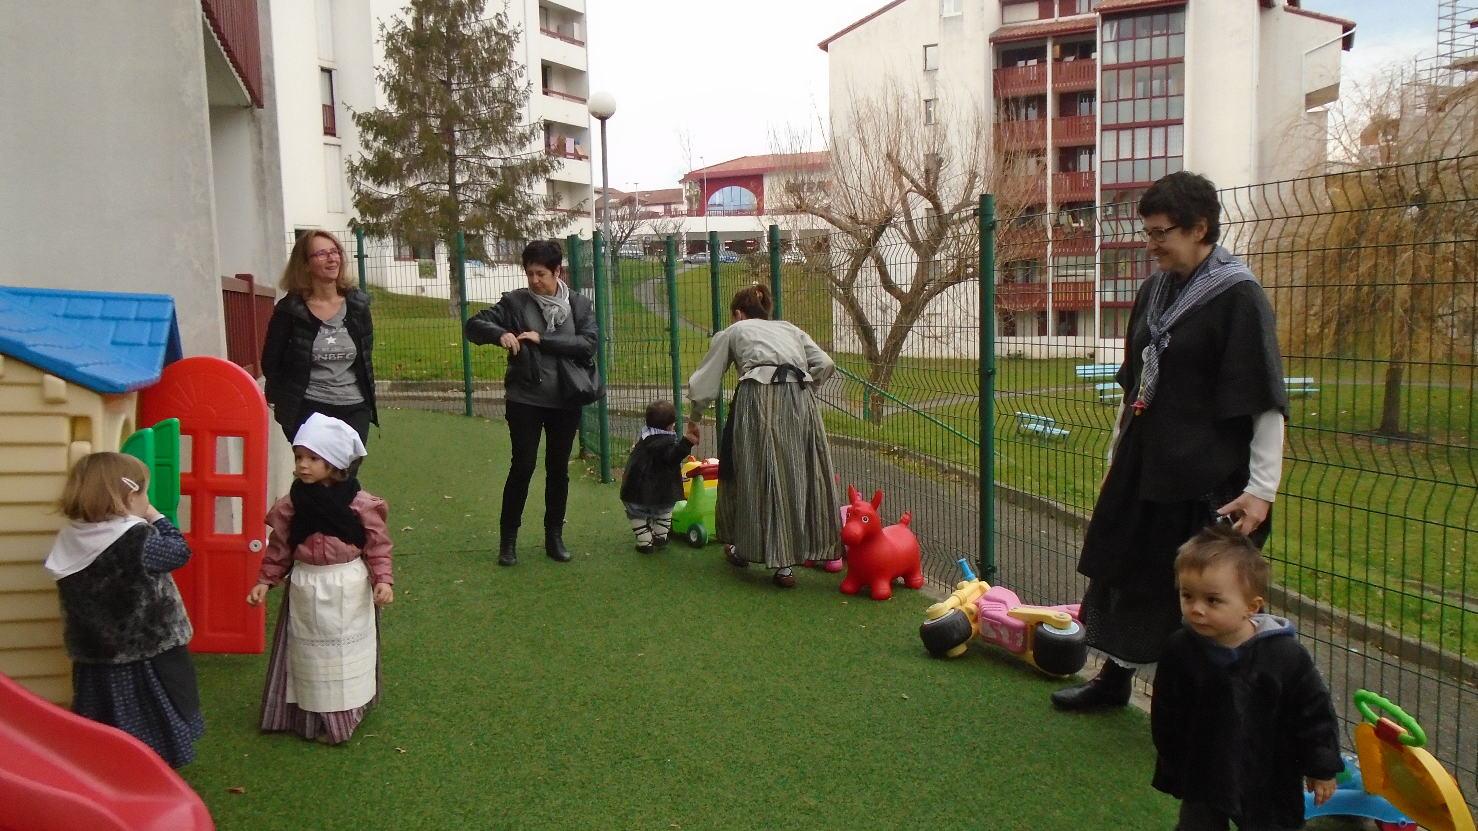 Une maman et une mamie ont pu participer à ce moment joyeux ainsi que l'inspectrice et amie de la MAM